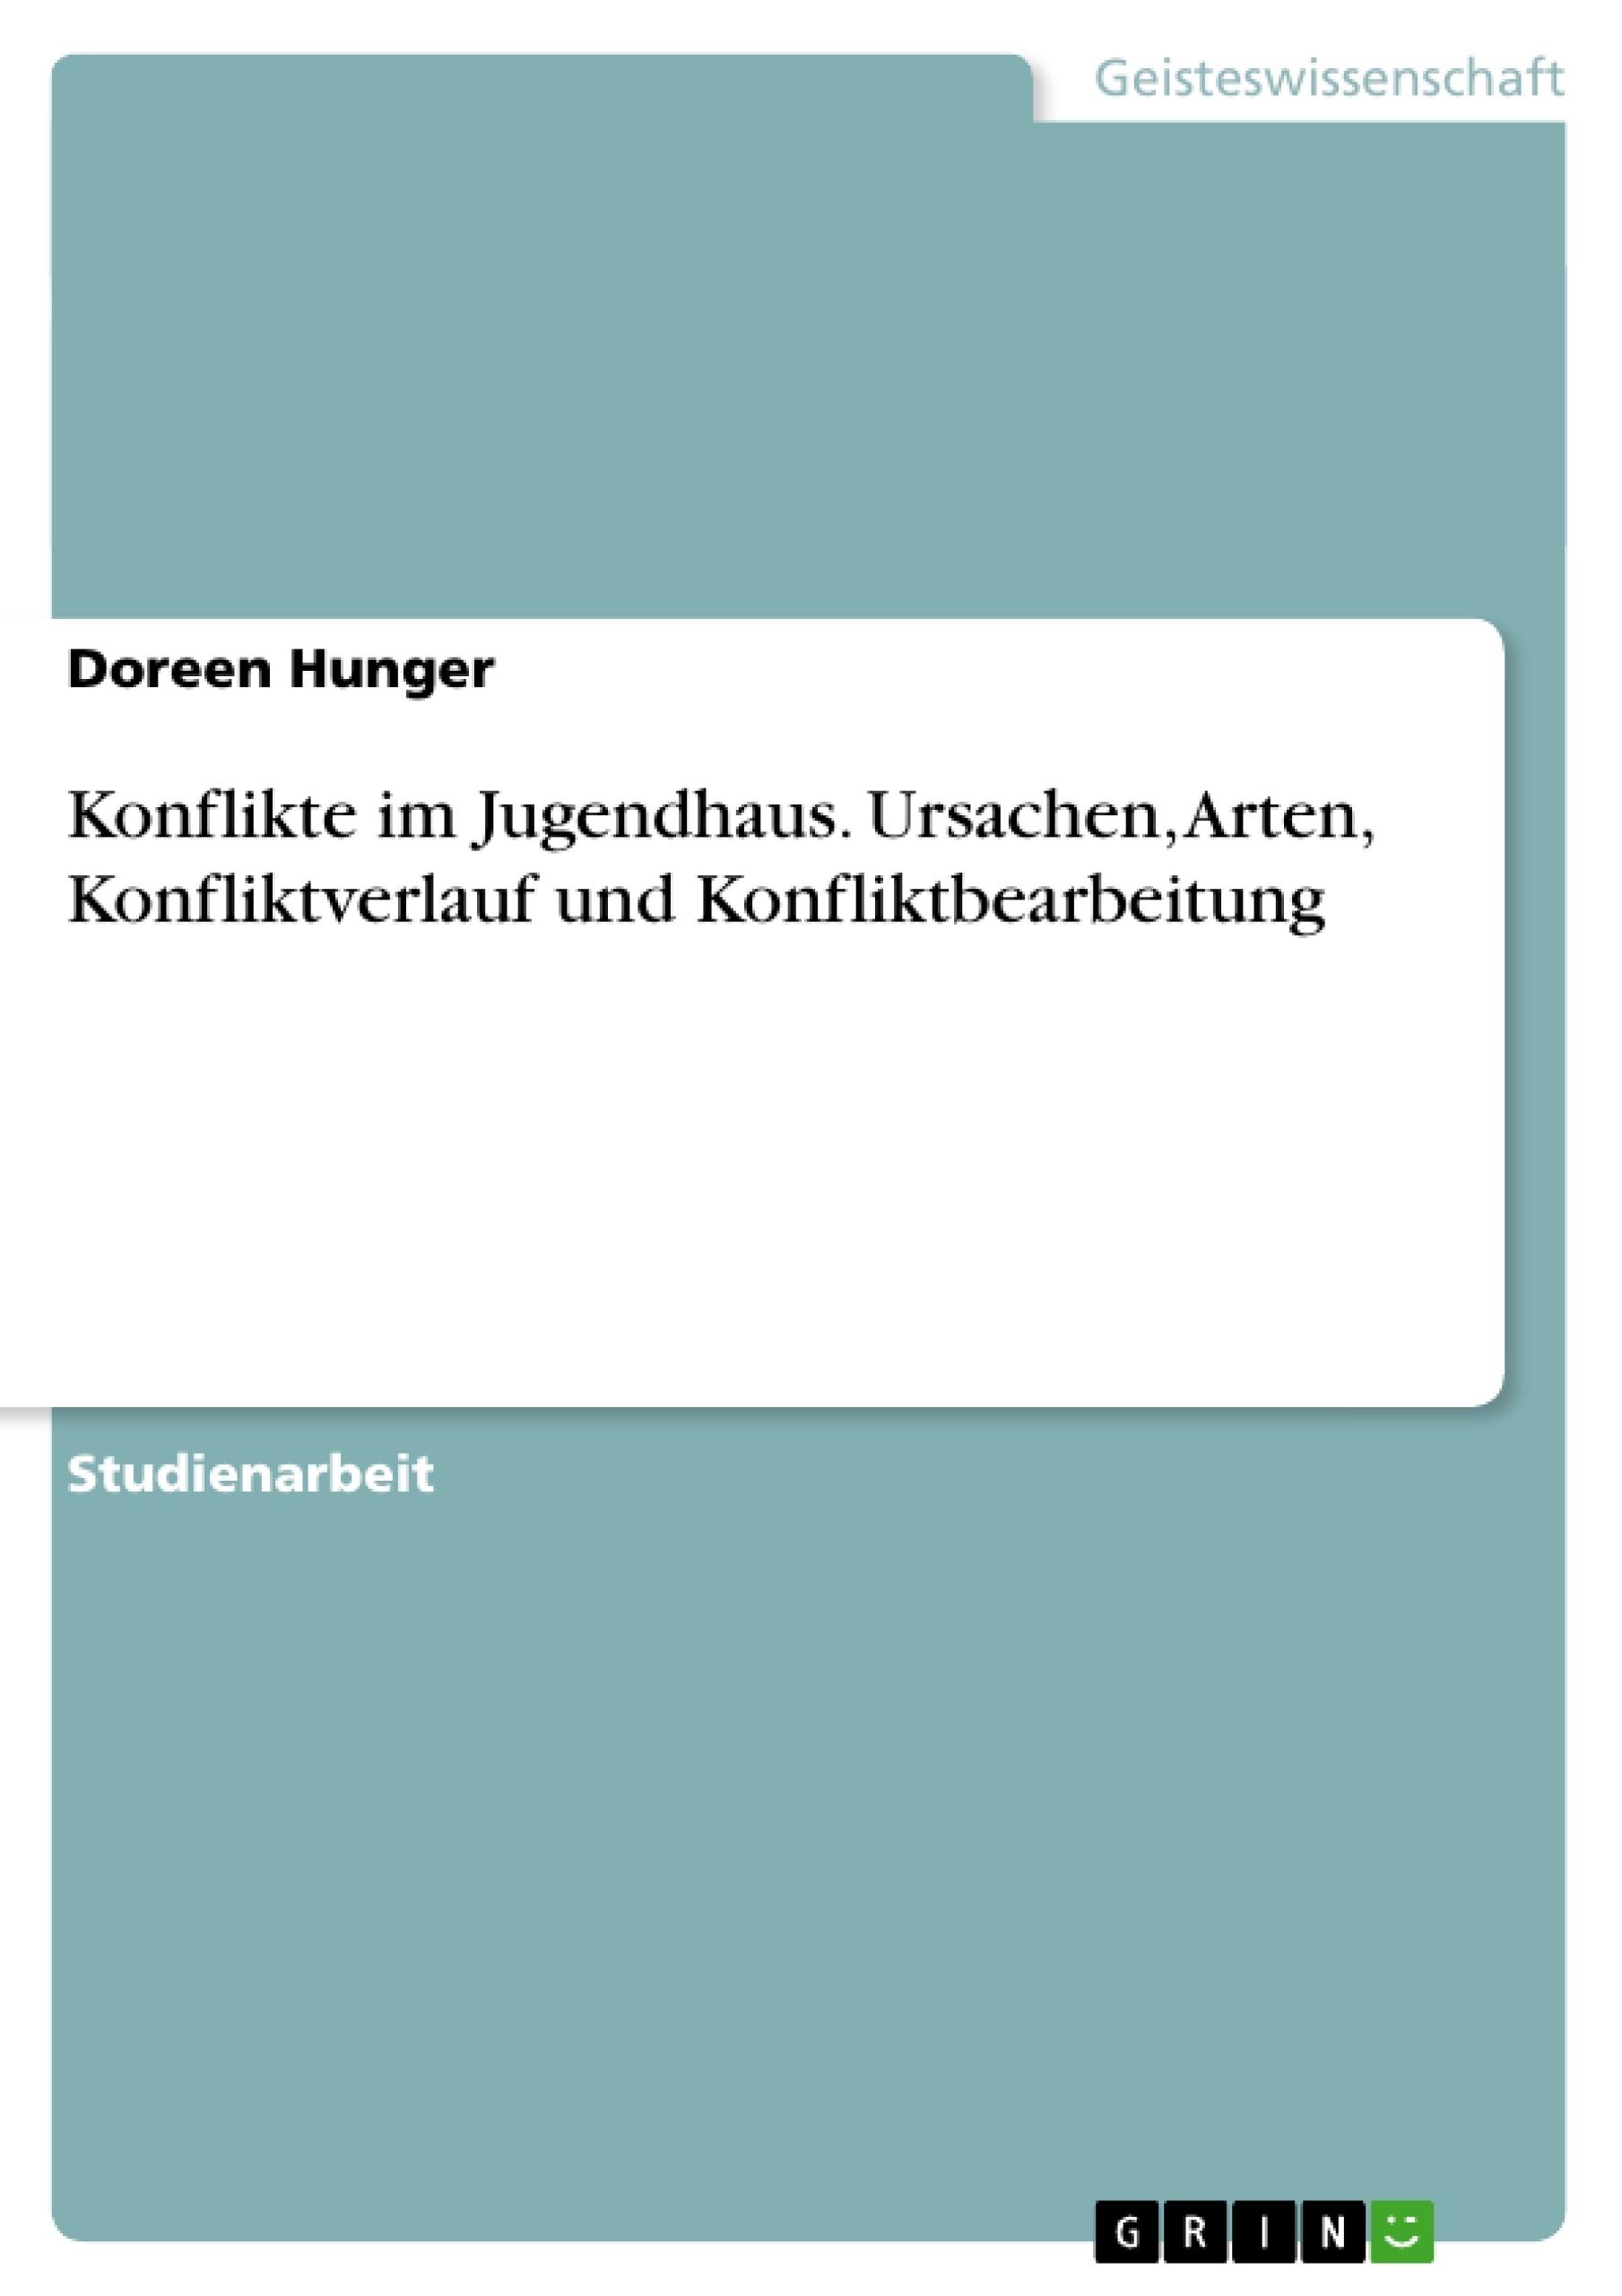 Titel: Konflikte im Jugendhaus. Ursachen, Arten, Konfliktverlauf und Konfliktbearbeitung